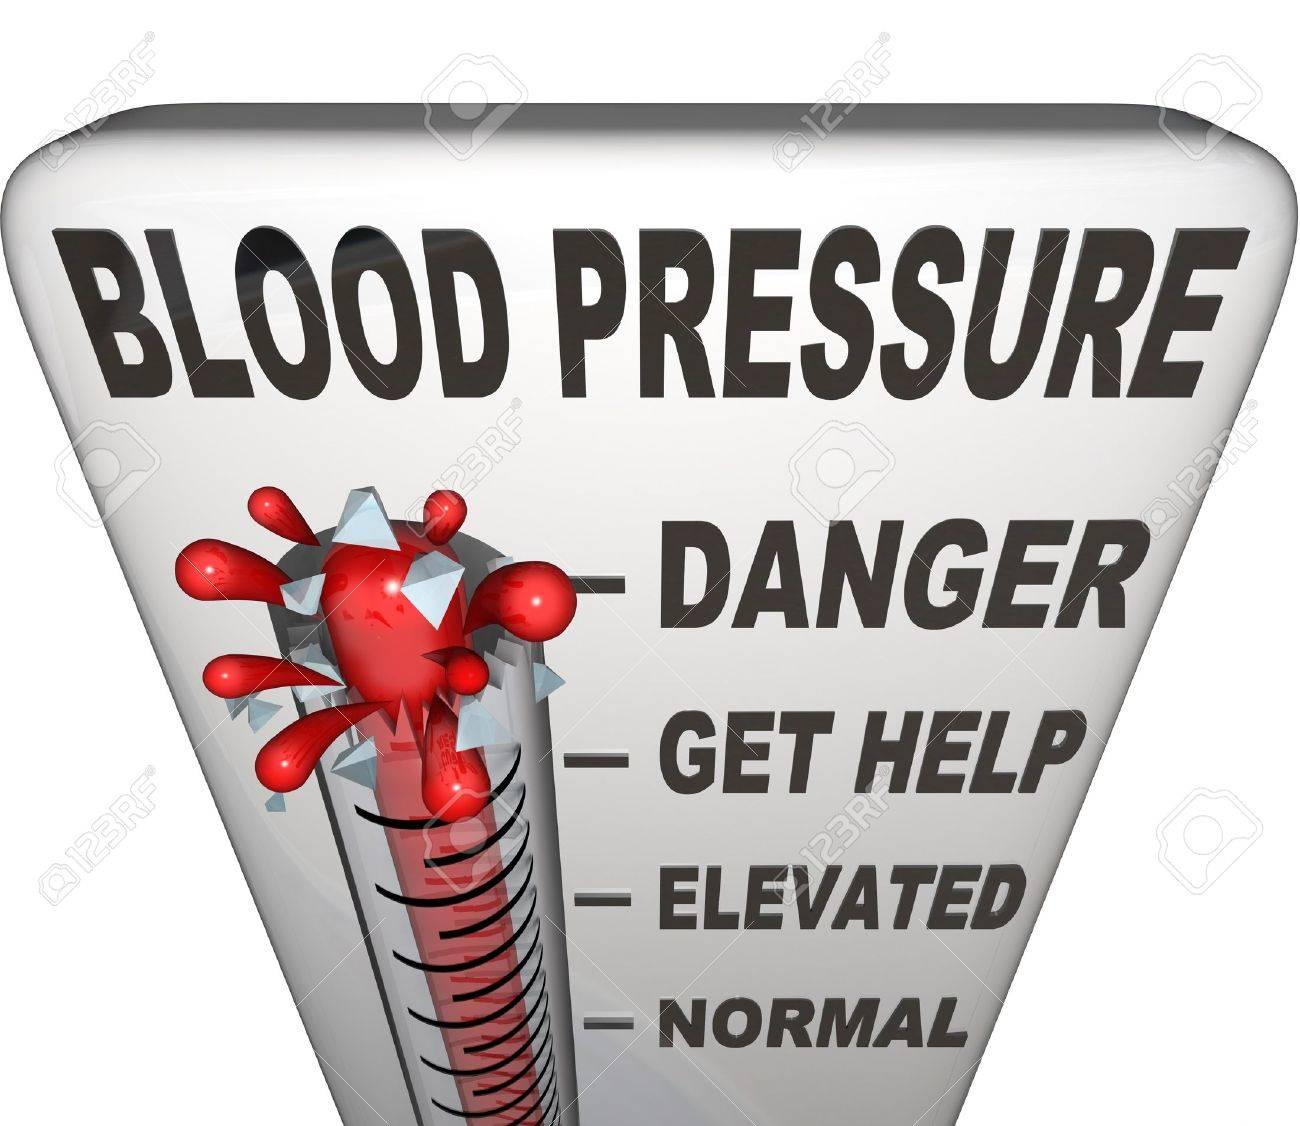 Hipertensión arterial y personalidad límite